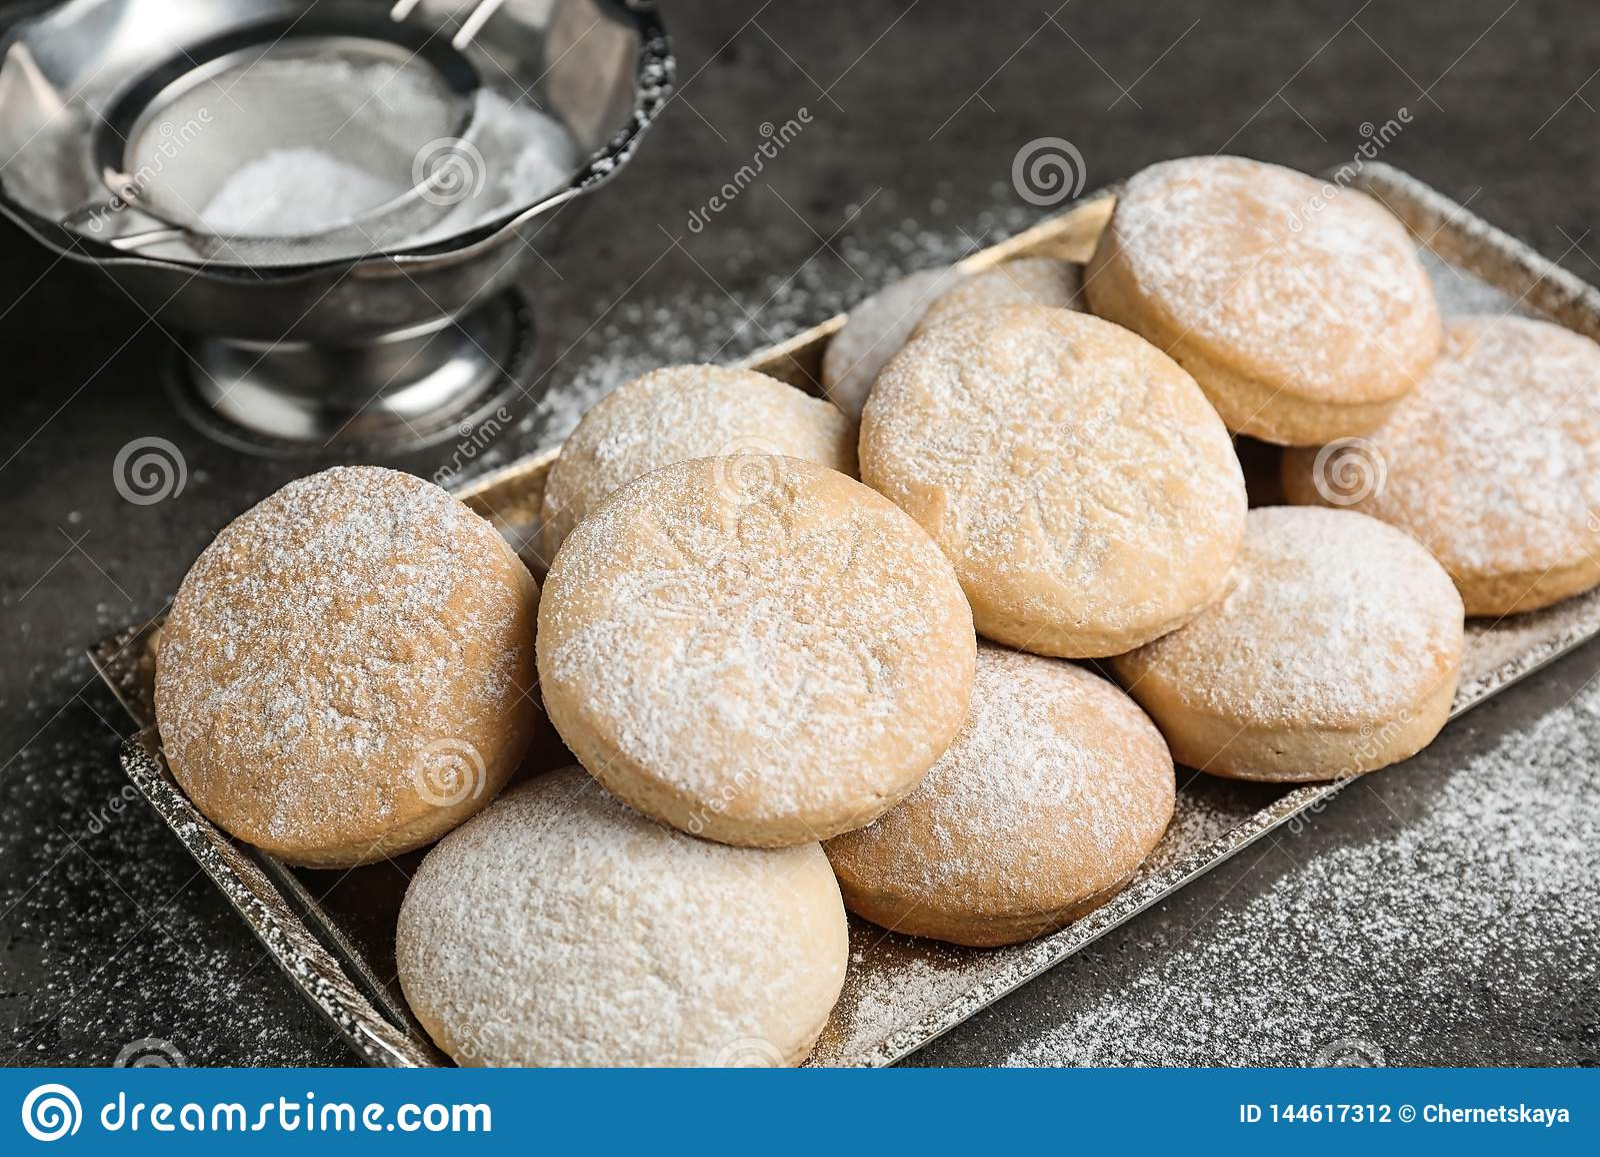 Поднос традиционных печений на исламские праздники на таблице